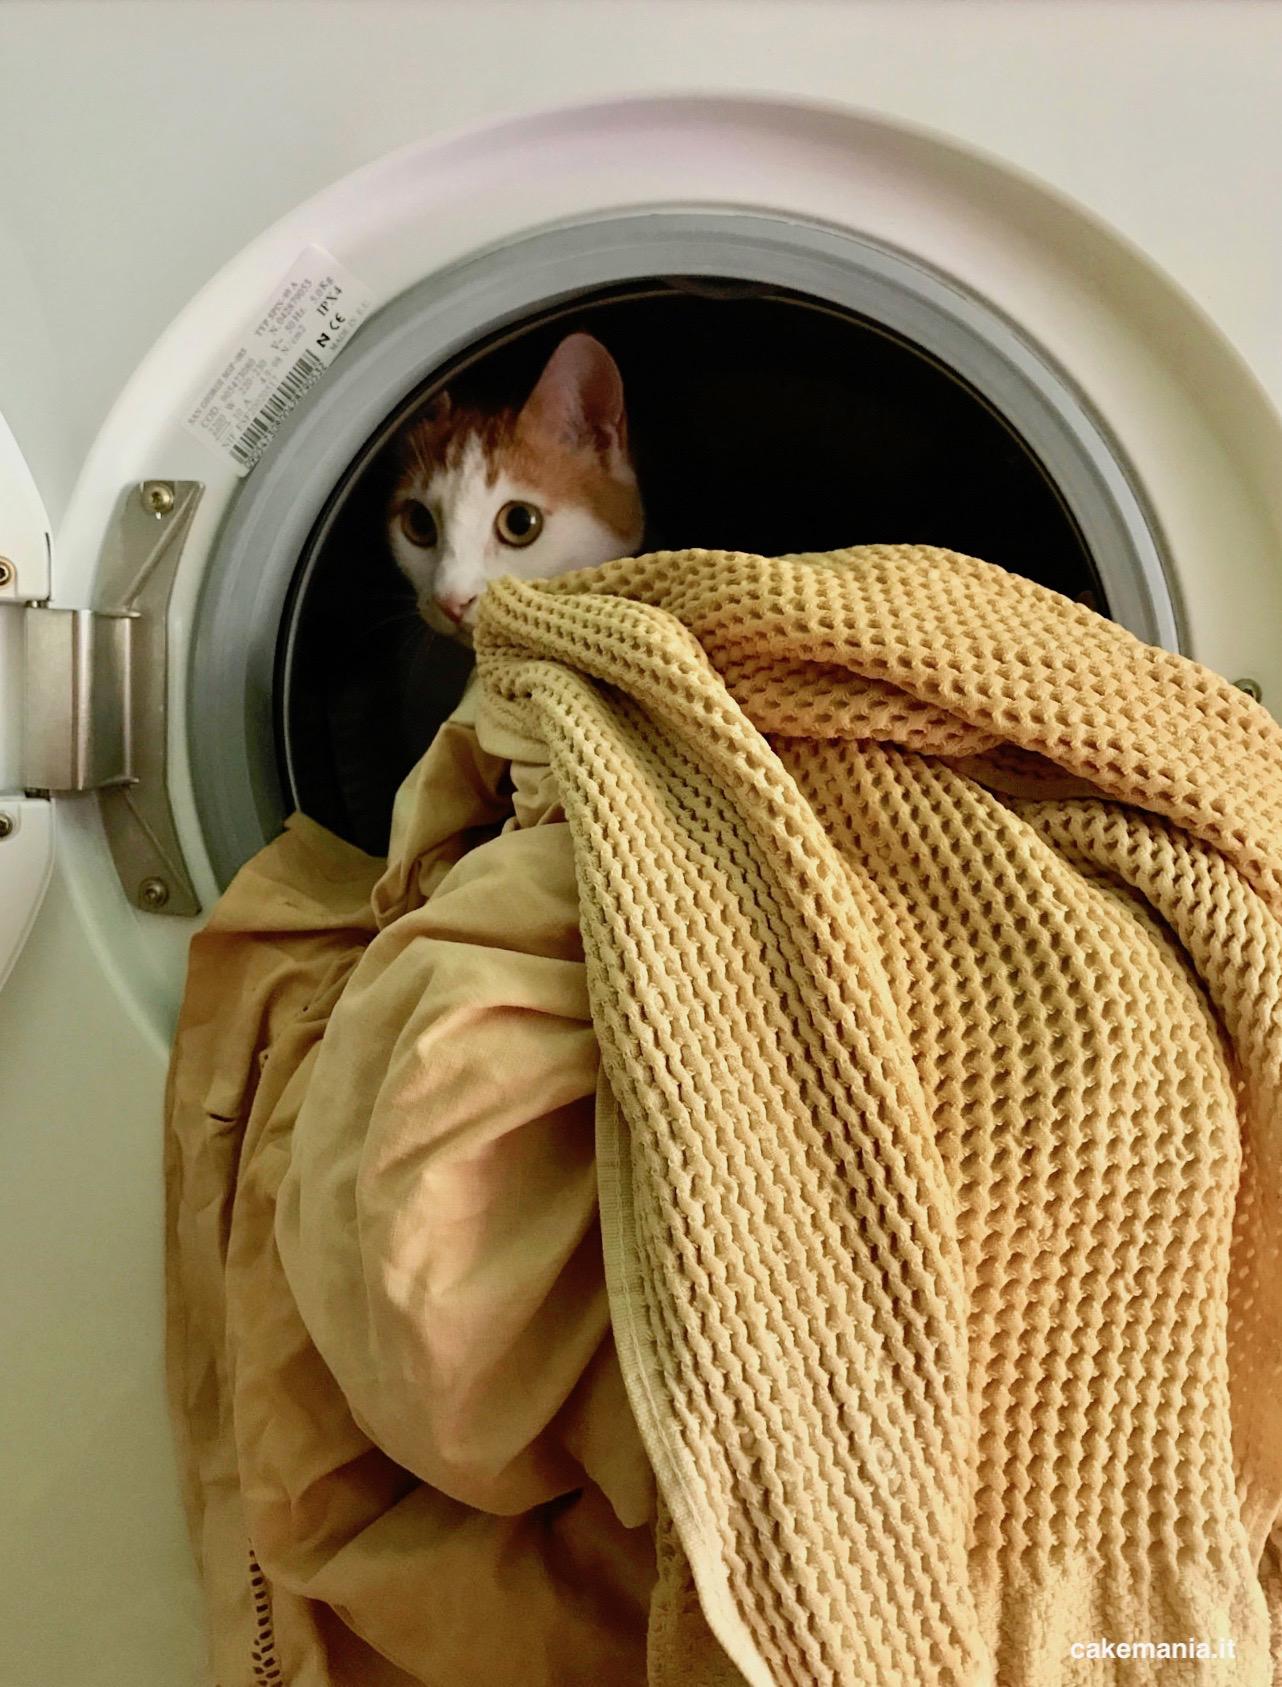 gatto lavatrice